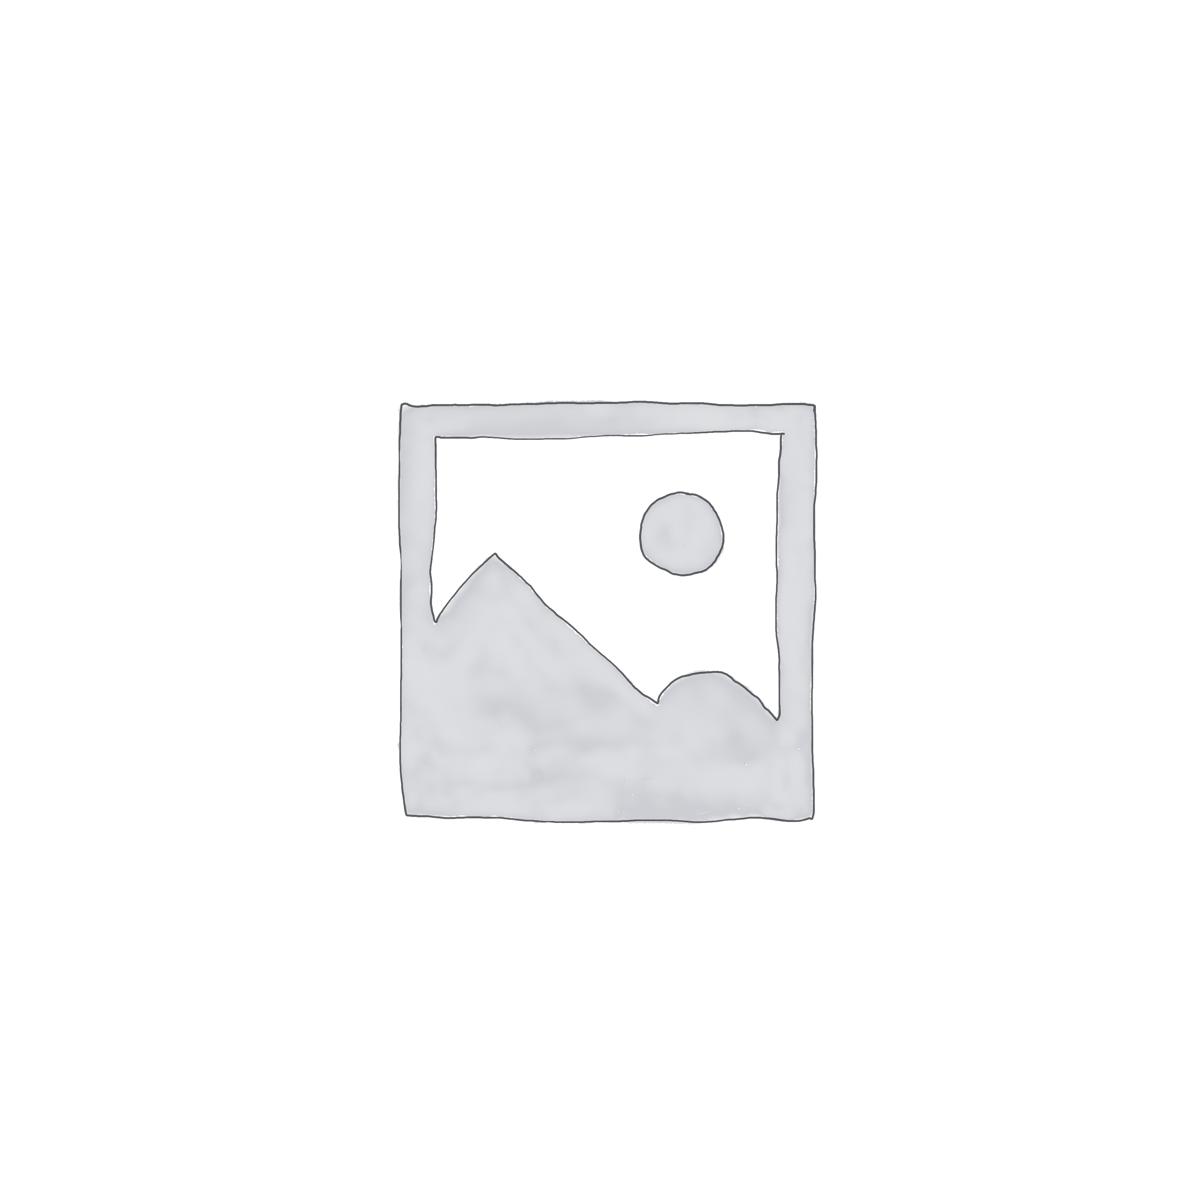 Anzuelos/Montajes